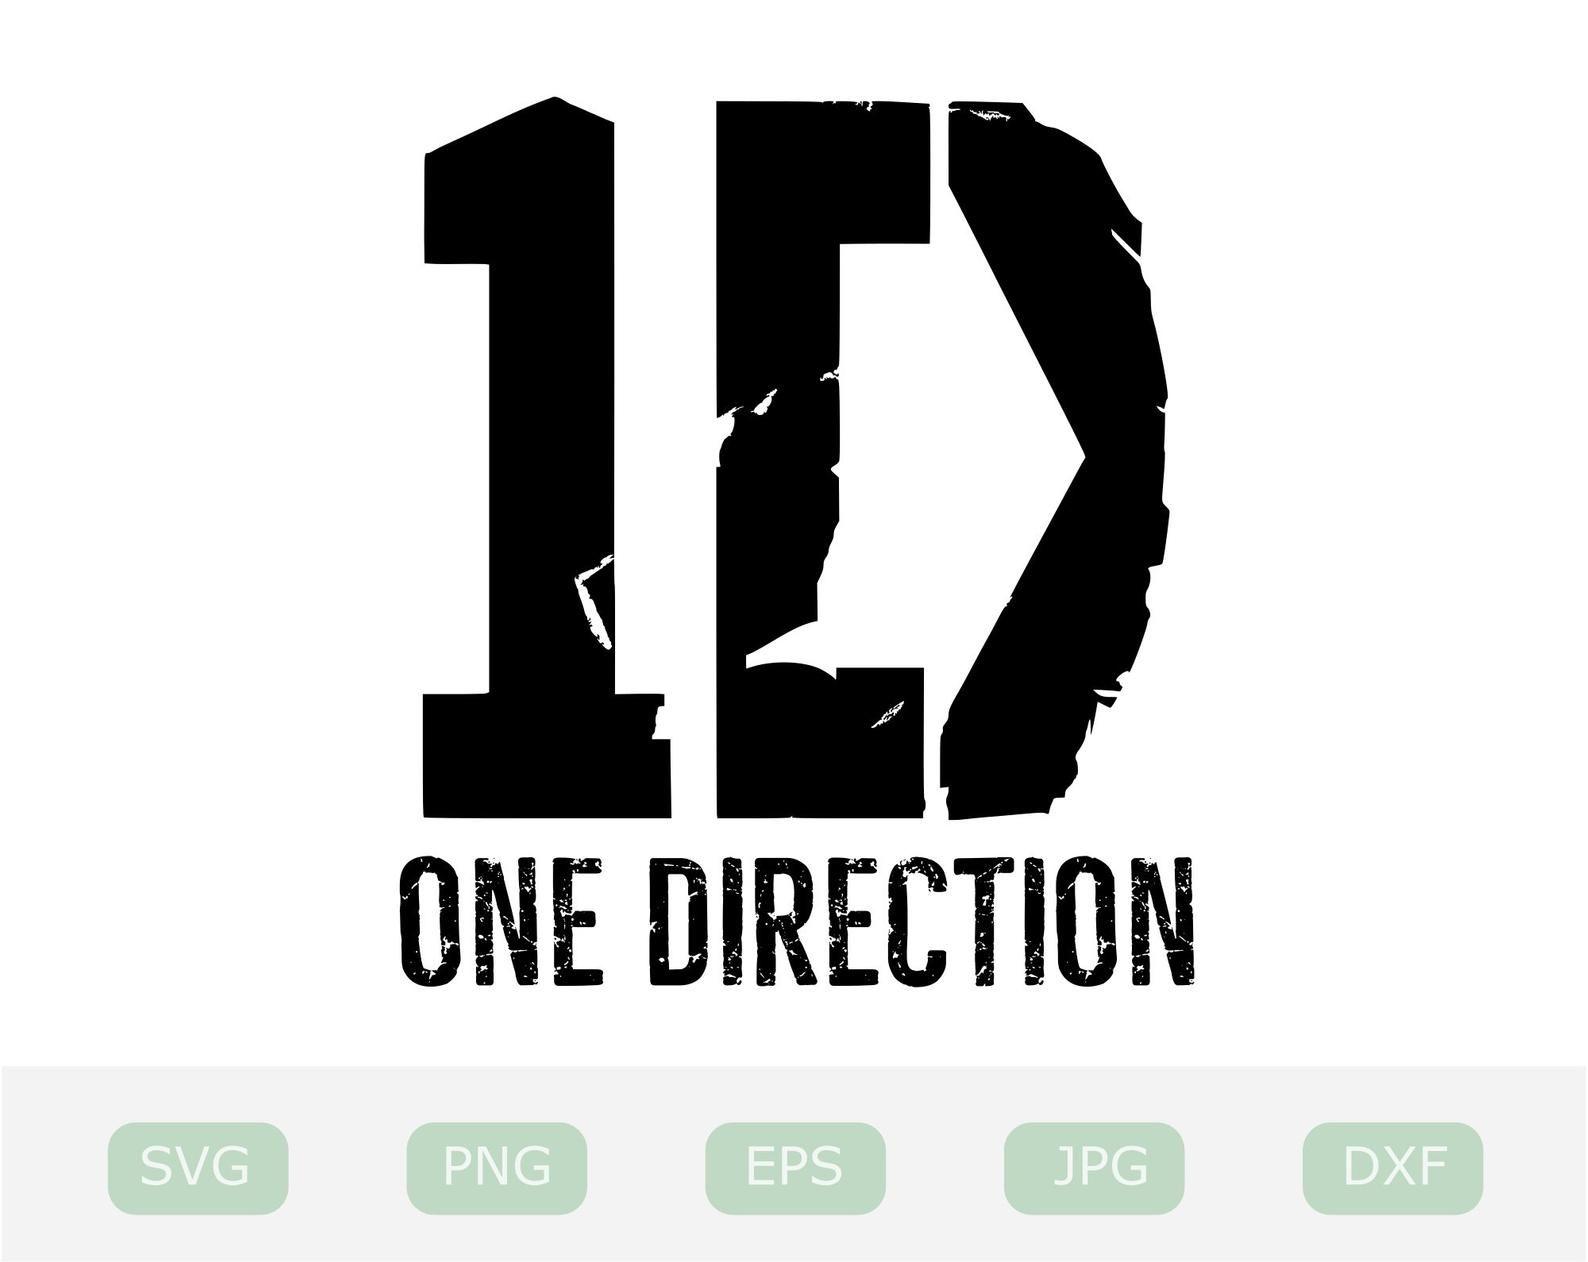 One Direction Svg 1d Logo Digital Download One Direction Etsy 1d Logo Svg One Direction